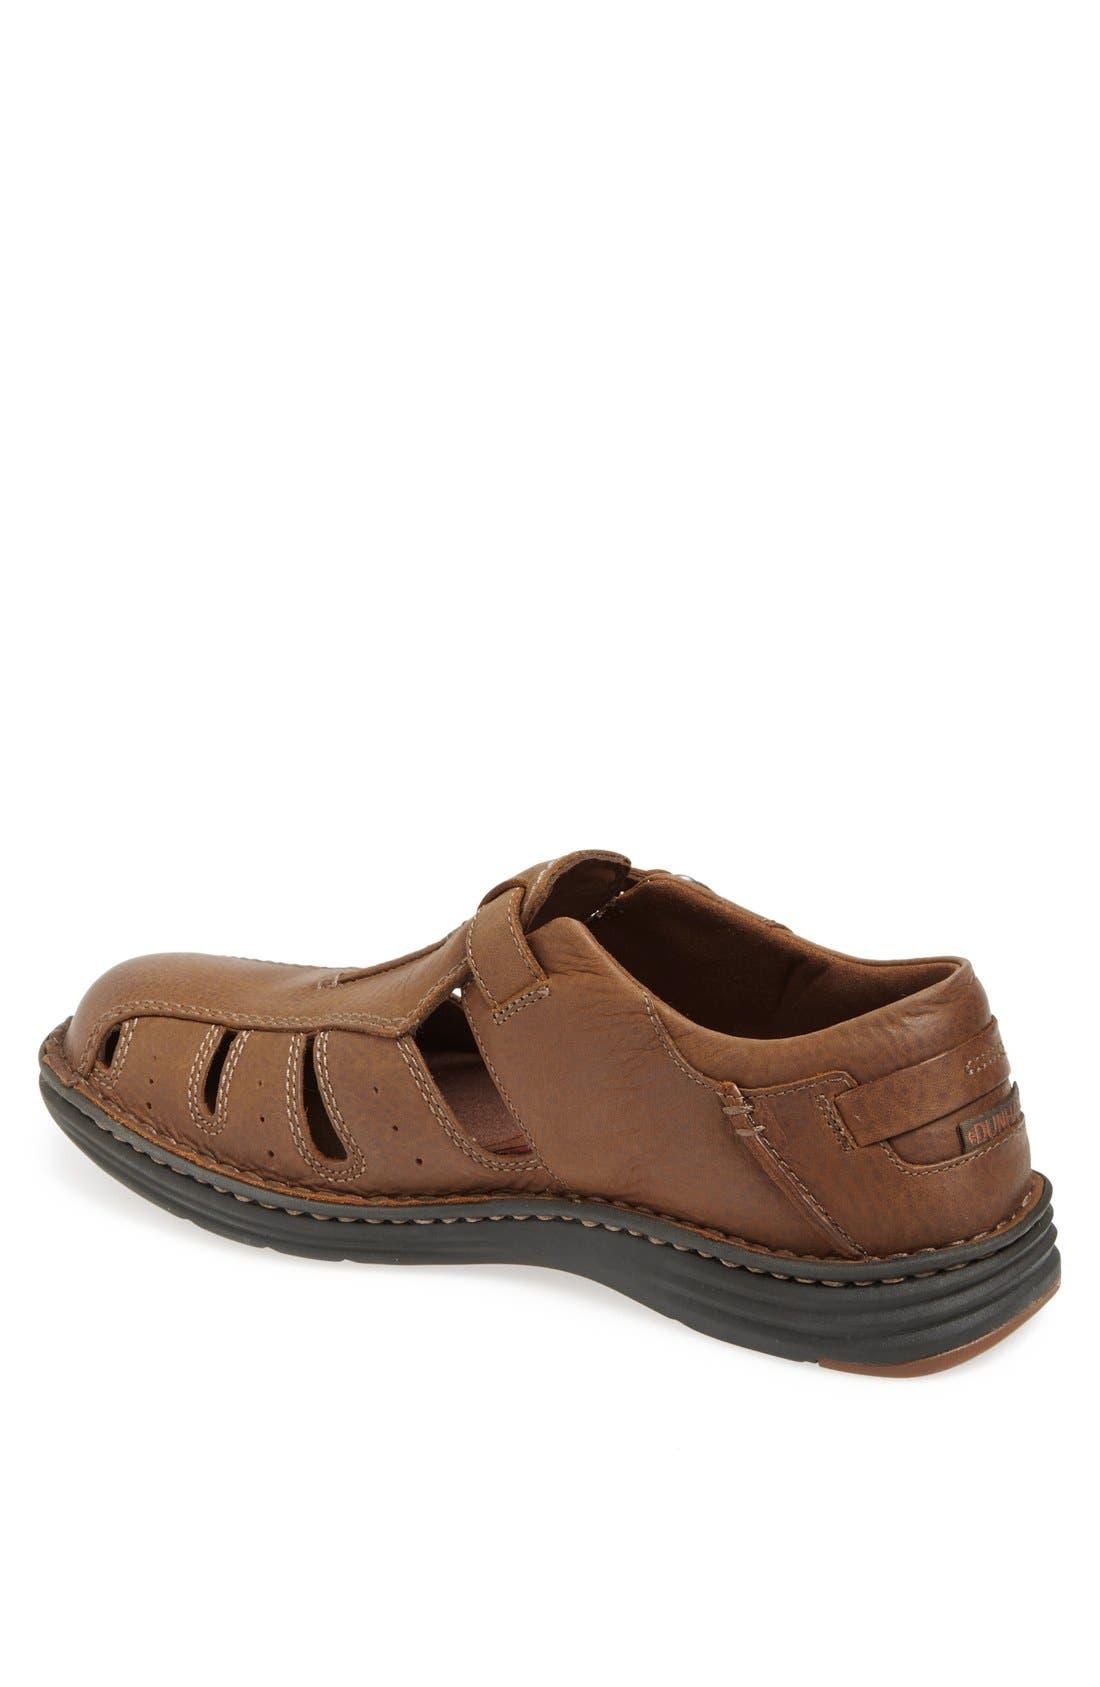 Alternate Image 3  - Dunham 'REVChamp' Sandal (Men)